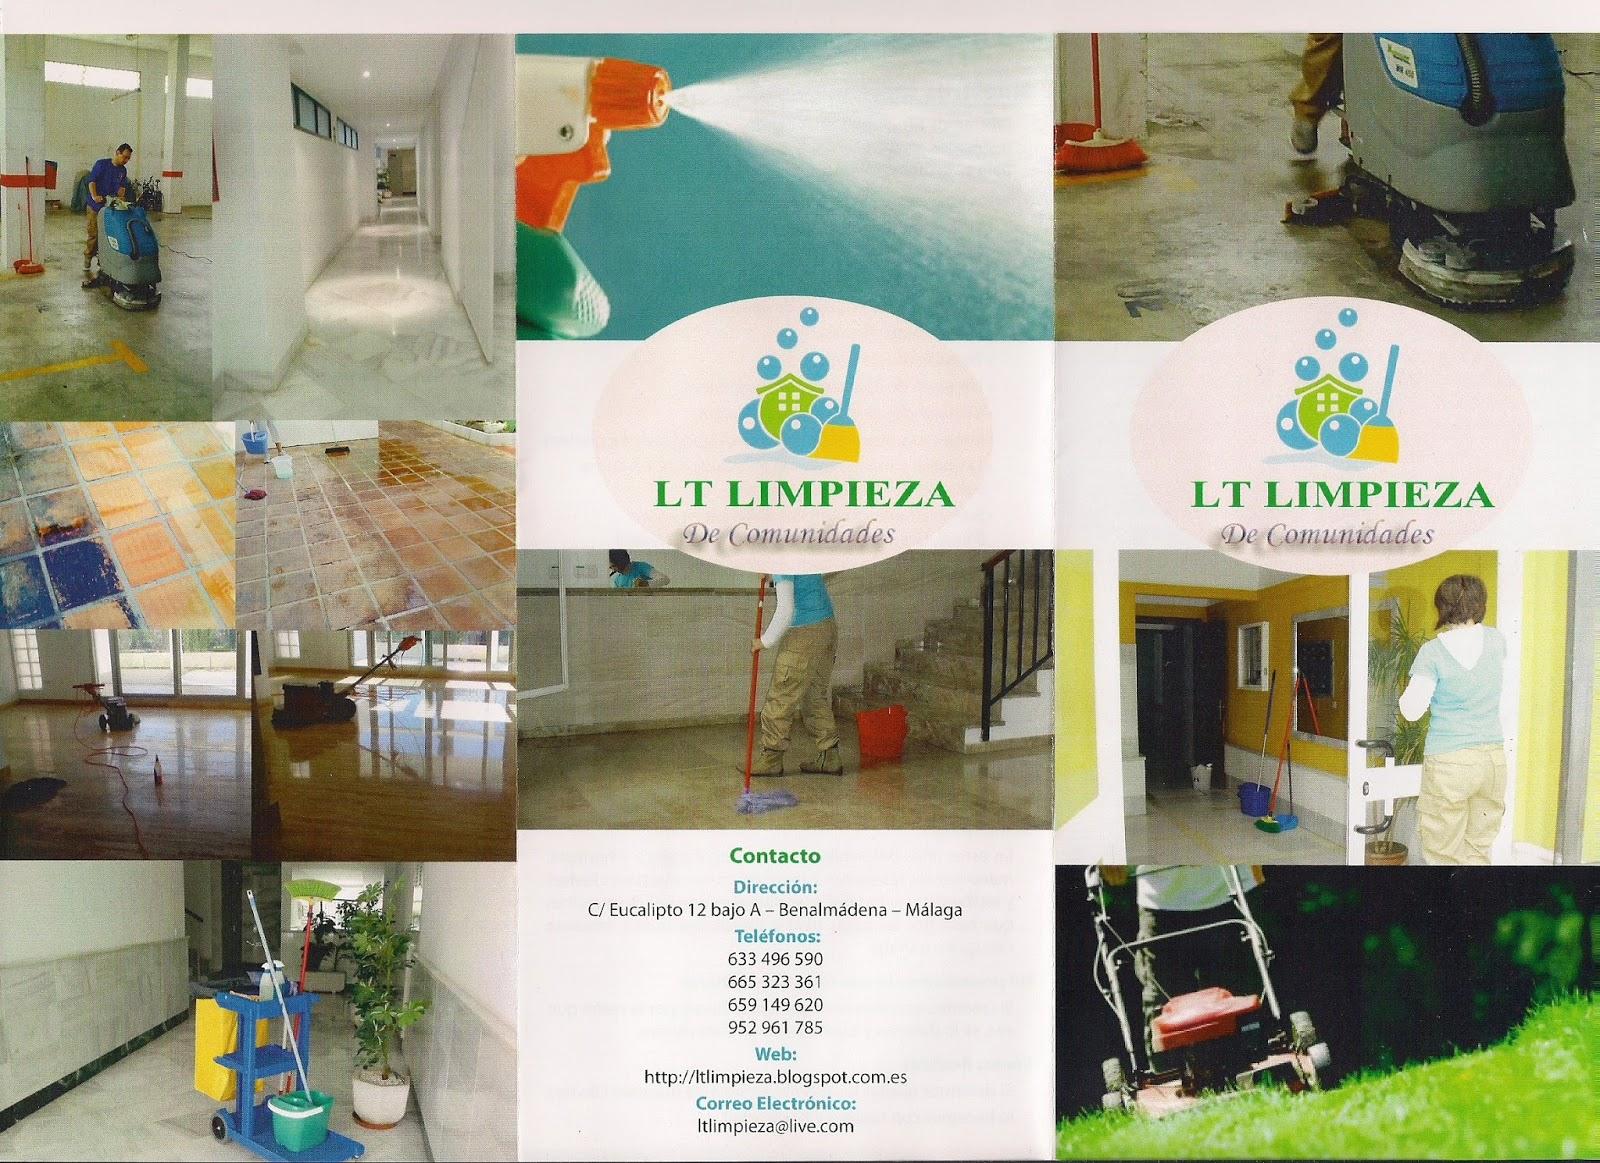 Lt limpieza nuevos tripticos - Busco trabajo de limpieza de casas por horas ...